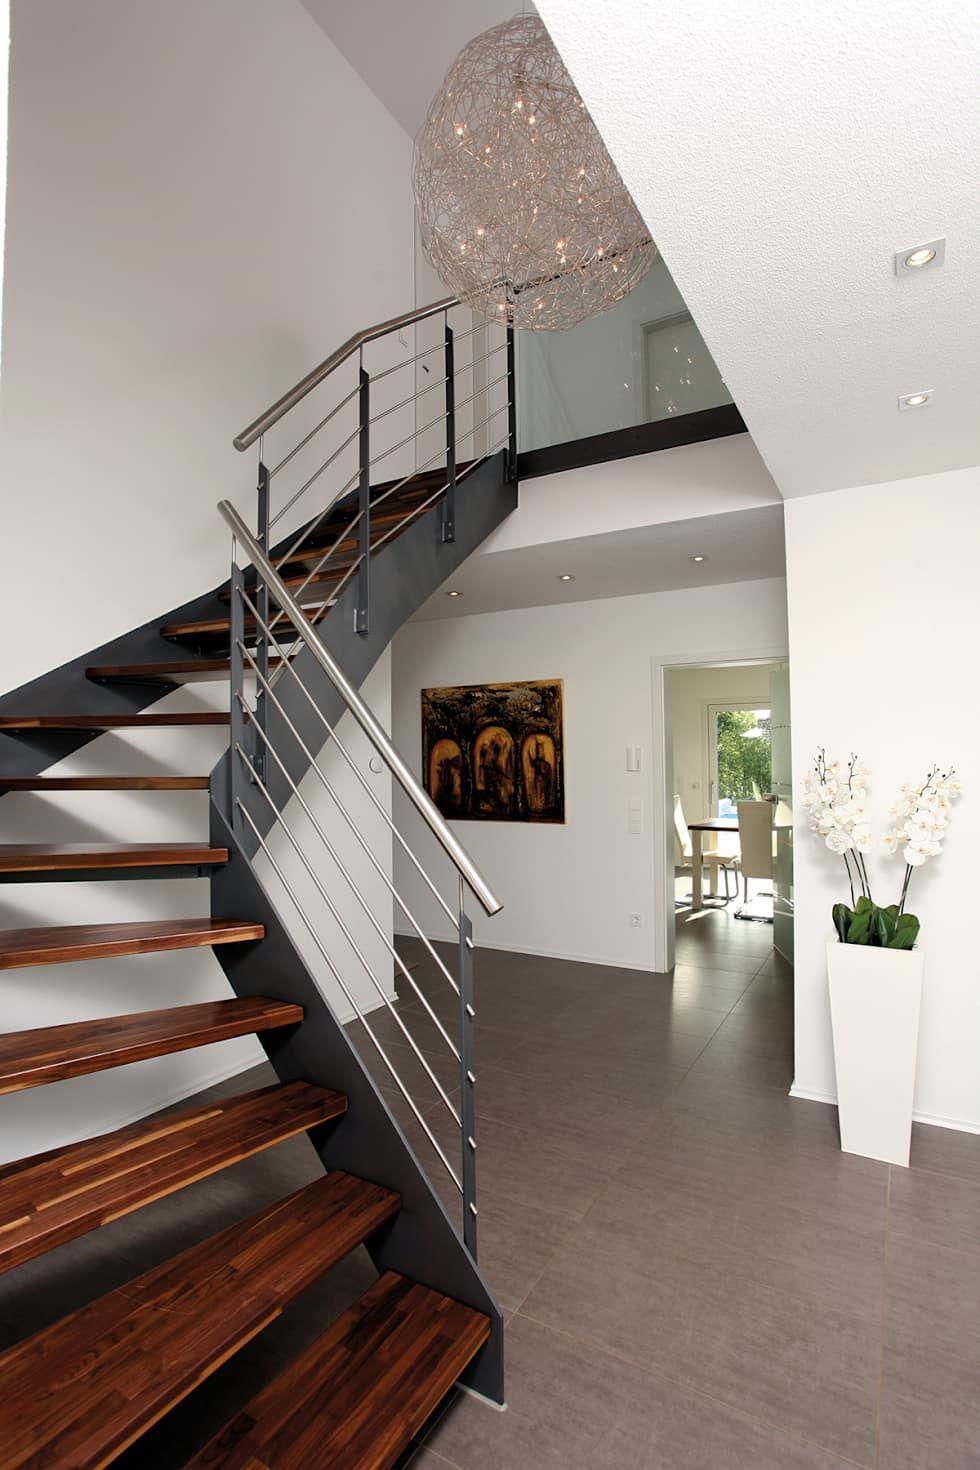 Wohnideen, Interior Design, Einrichtungsideen & Bilder | Ideen fürs ...